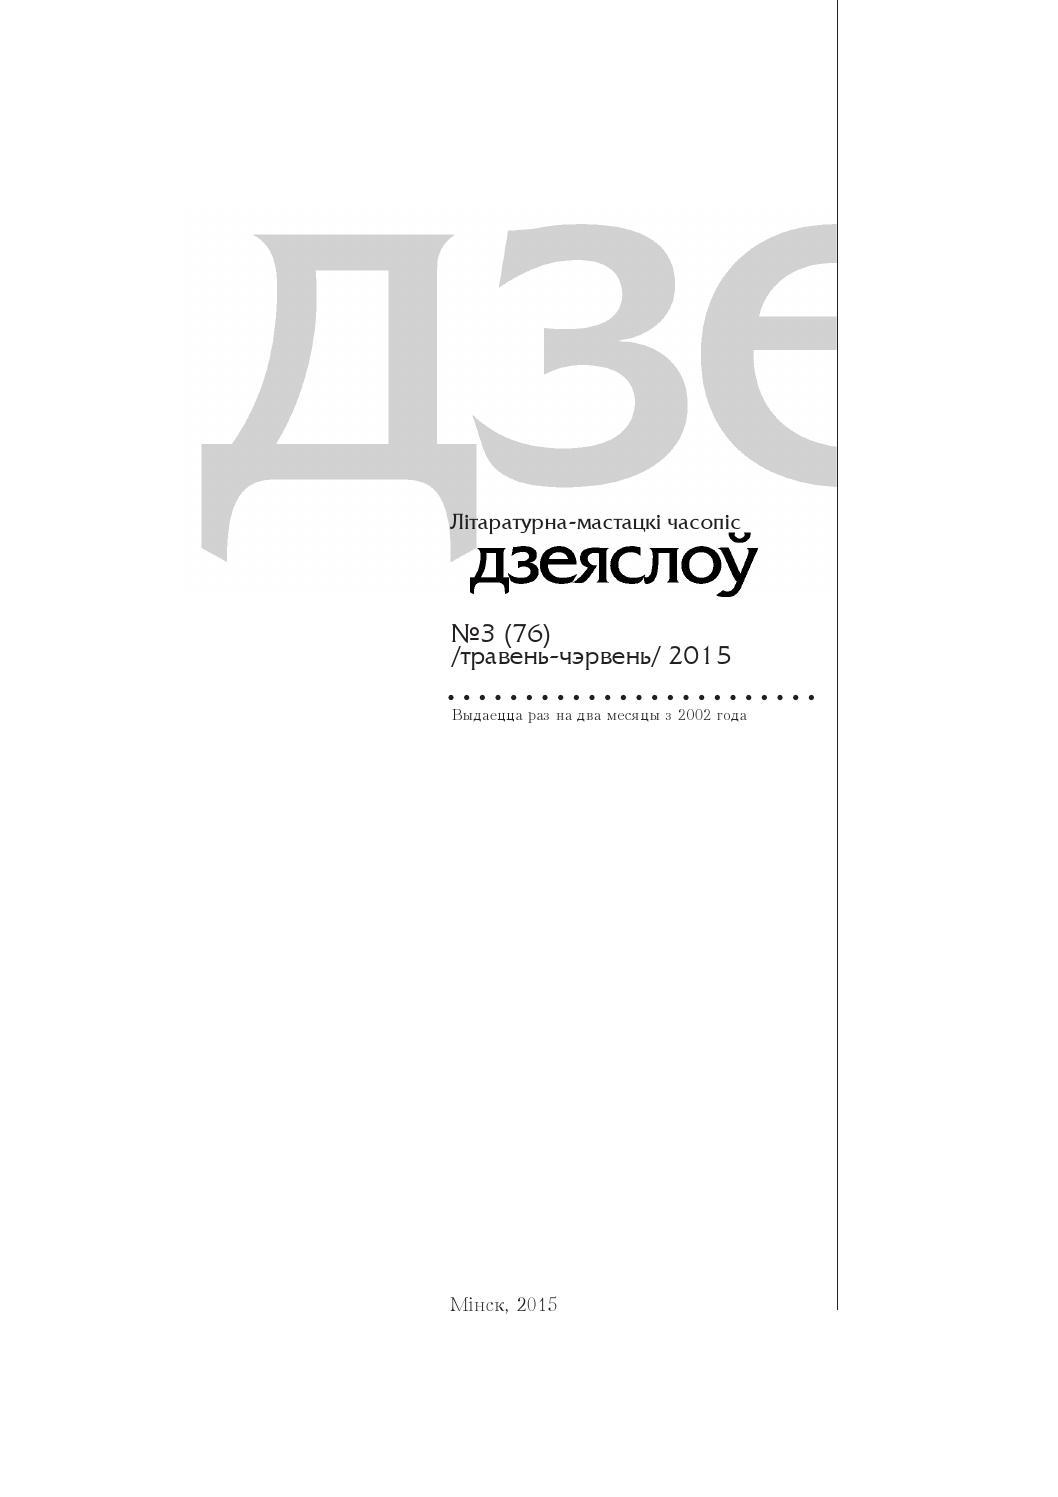 Гульнявыя аўтаматы украіна 2016